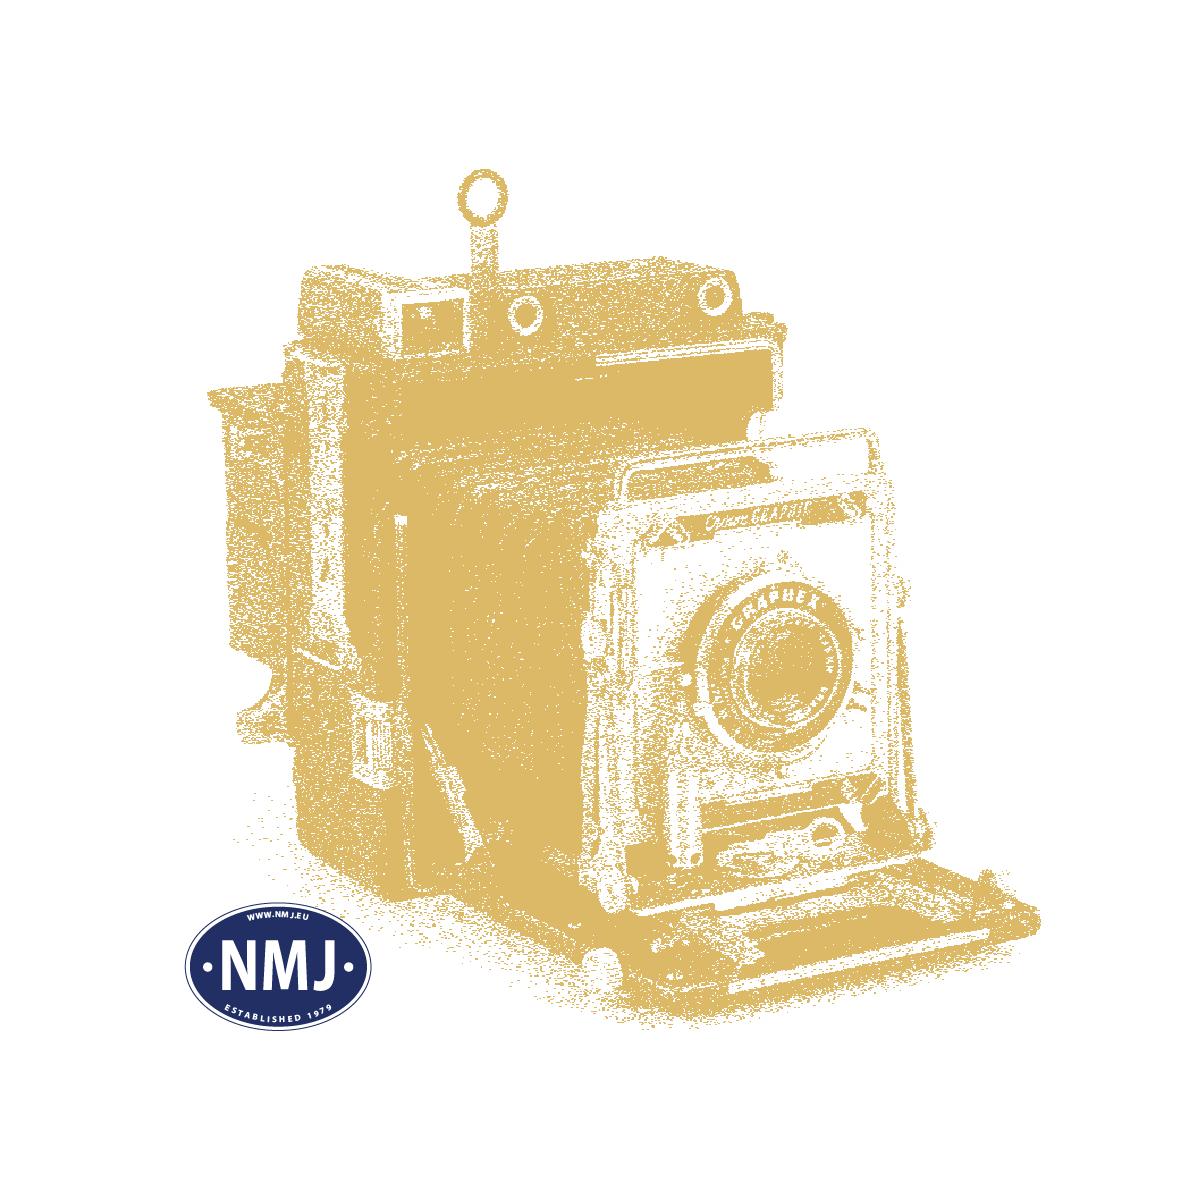 NMJB1106 - Messing Ventilatoren, 8 Stück